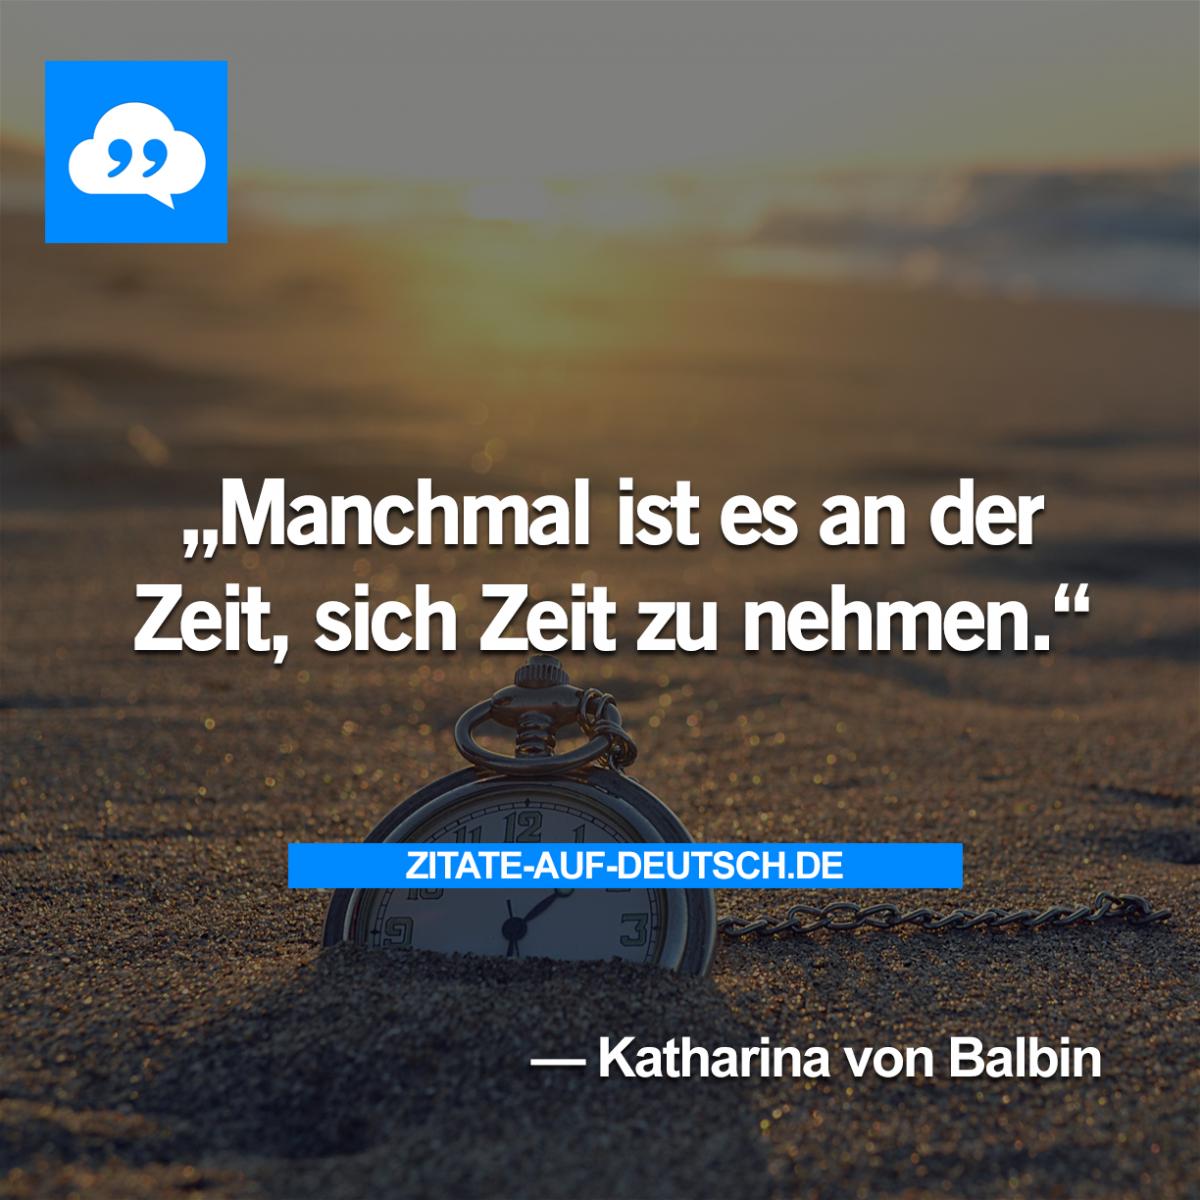 Spruch Spruche Zeit Zitat Zitate Katharinavonbalbin Zitate Zeit Zitate Spruche